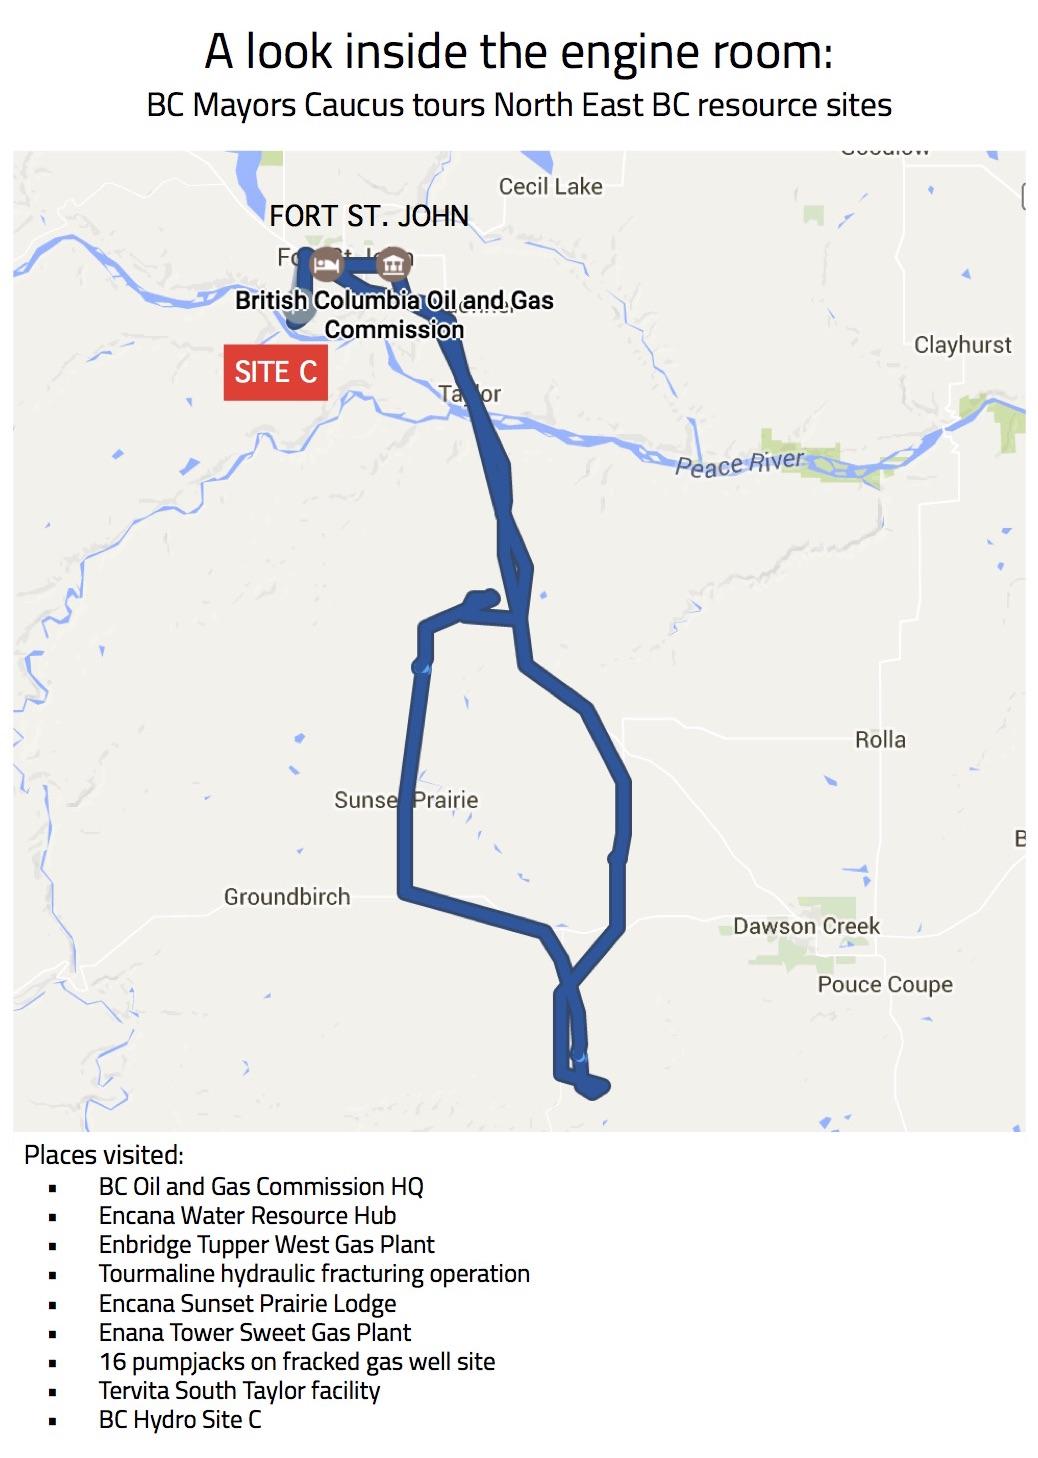 BC_Mayors_Caucus_Tour_map.jpg